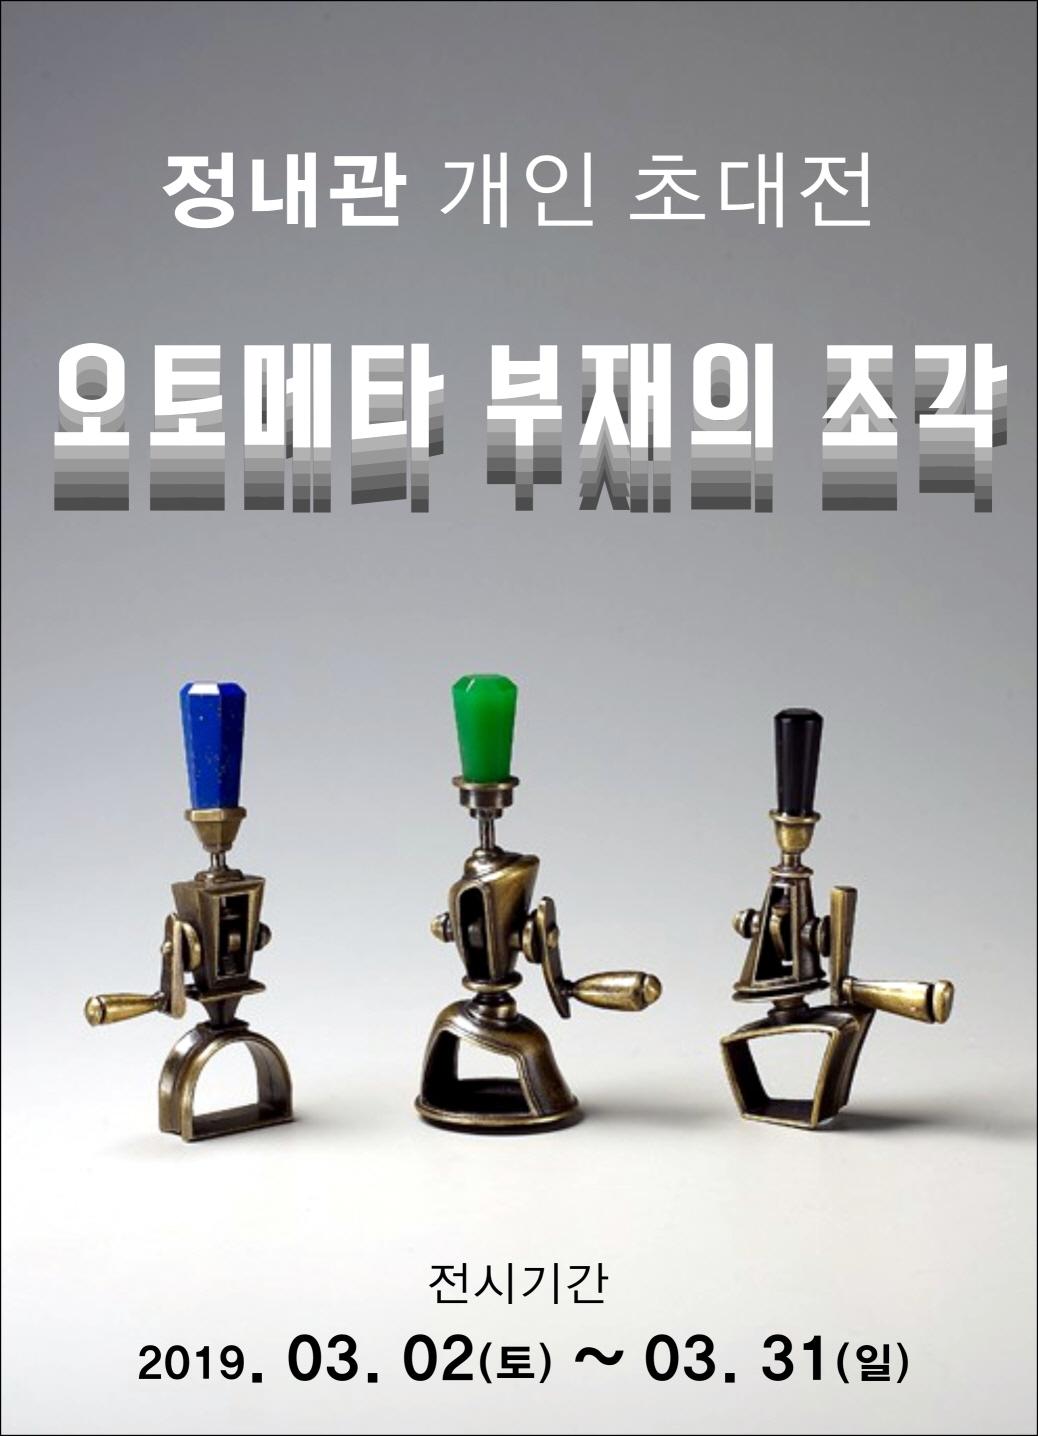 크기변환_11사본 -3월전시 2관-포스터.jpg